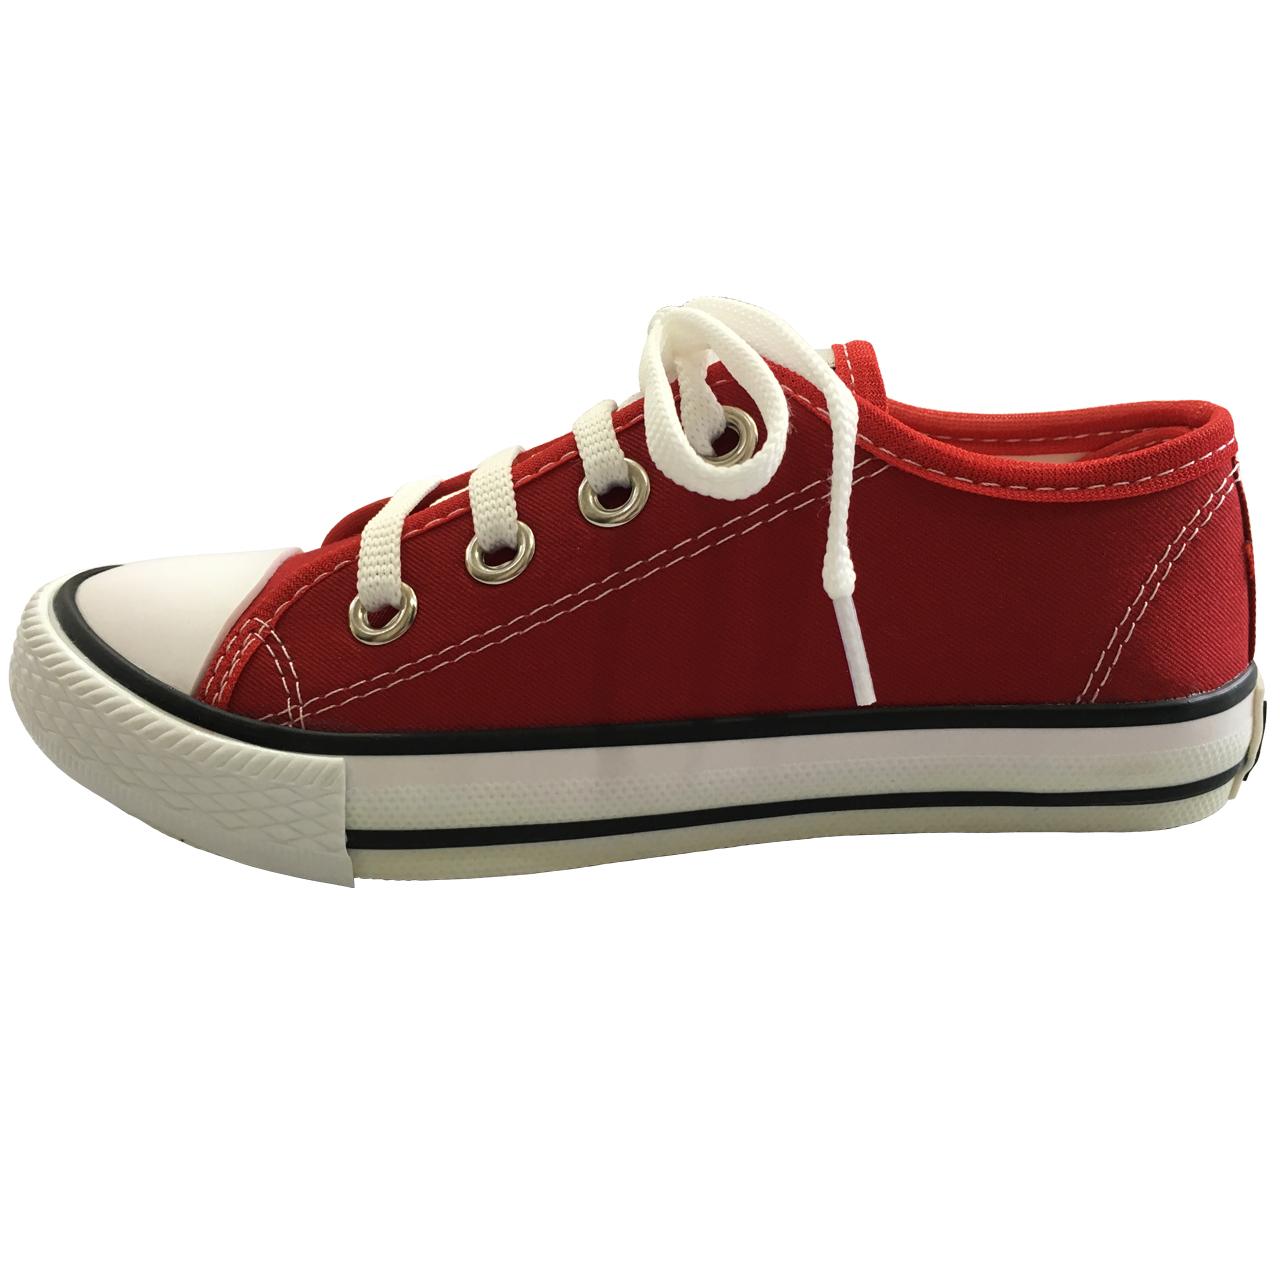 کفش بچگانه کد 0157 رنگ قرمز